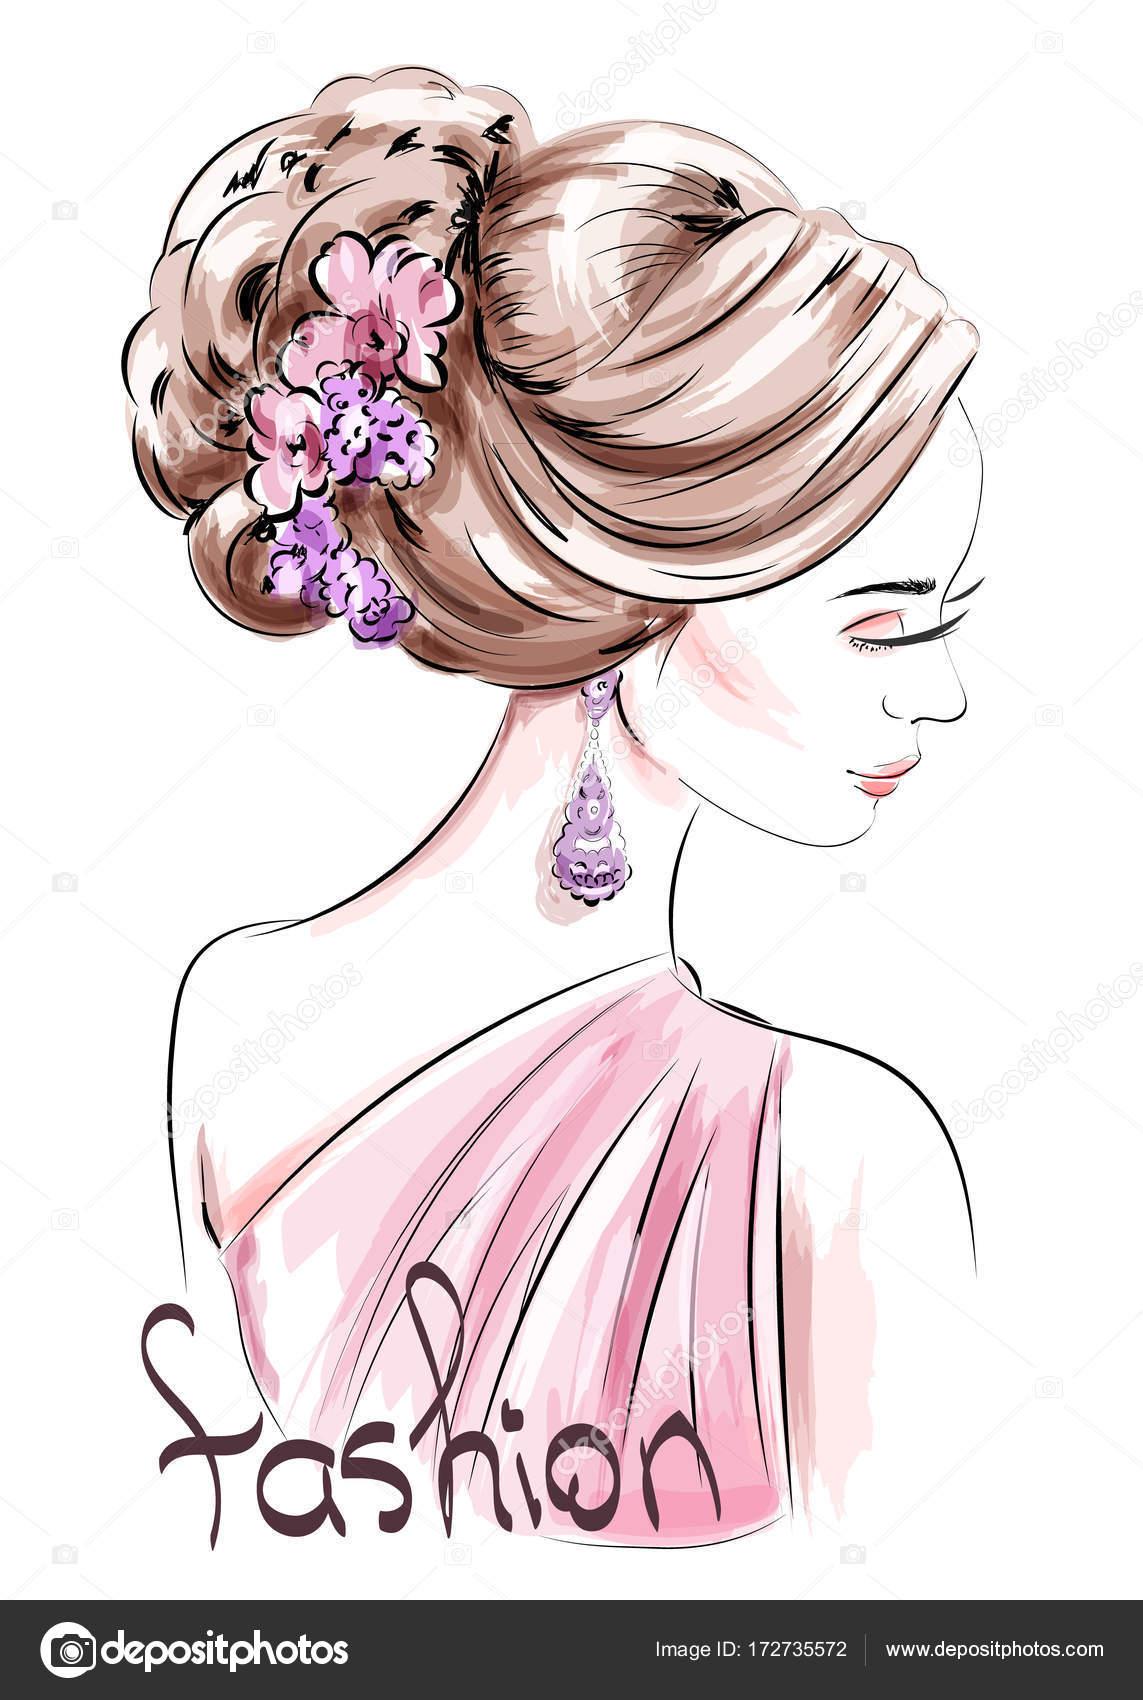 かわいい髪型と美しい手の描かれた女性スケッチファッション